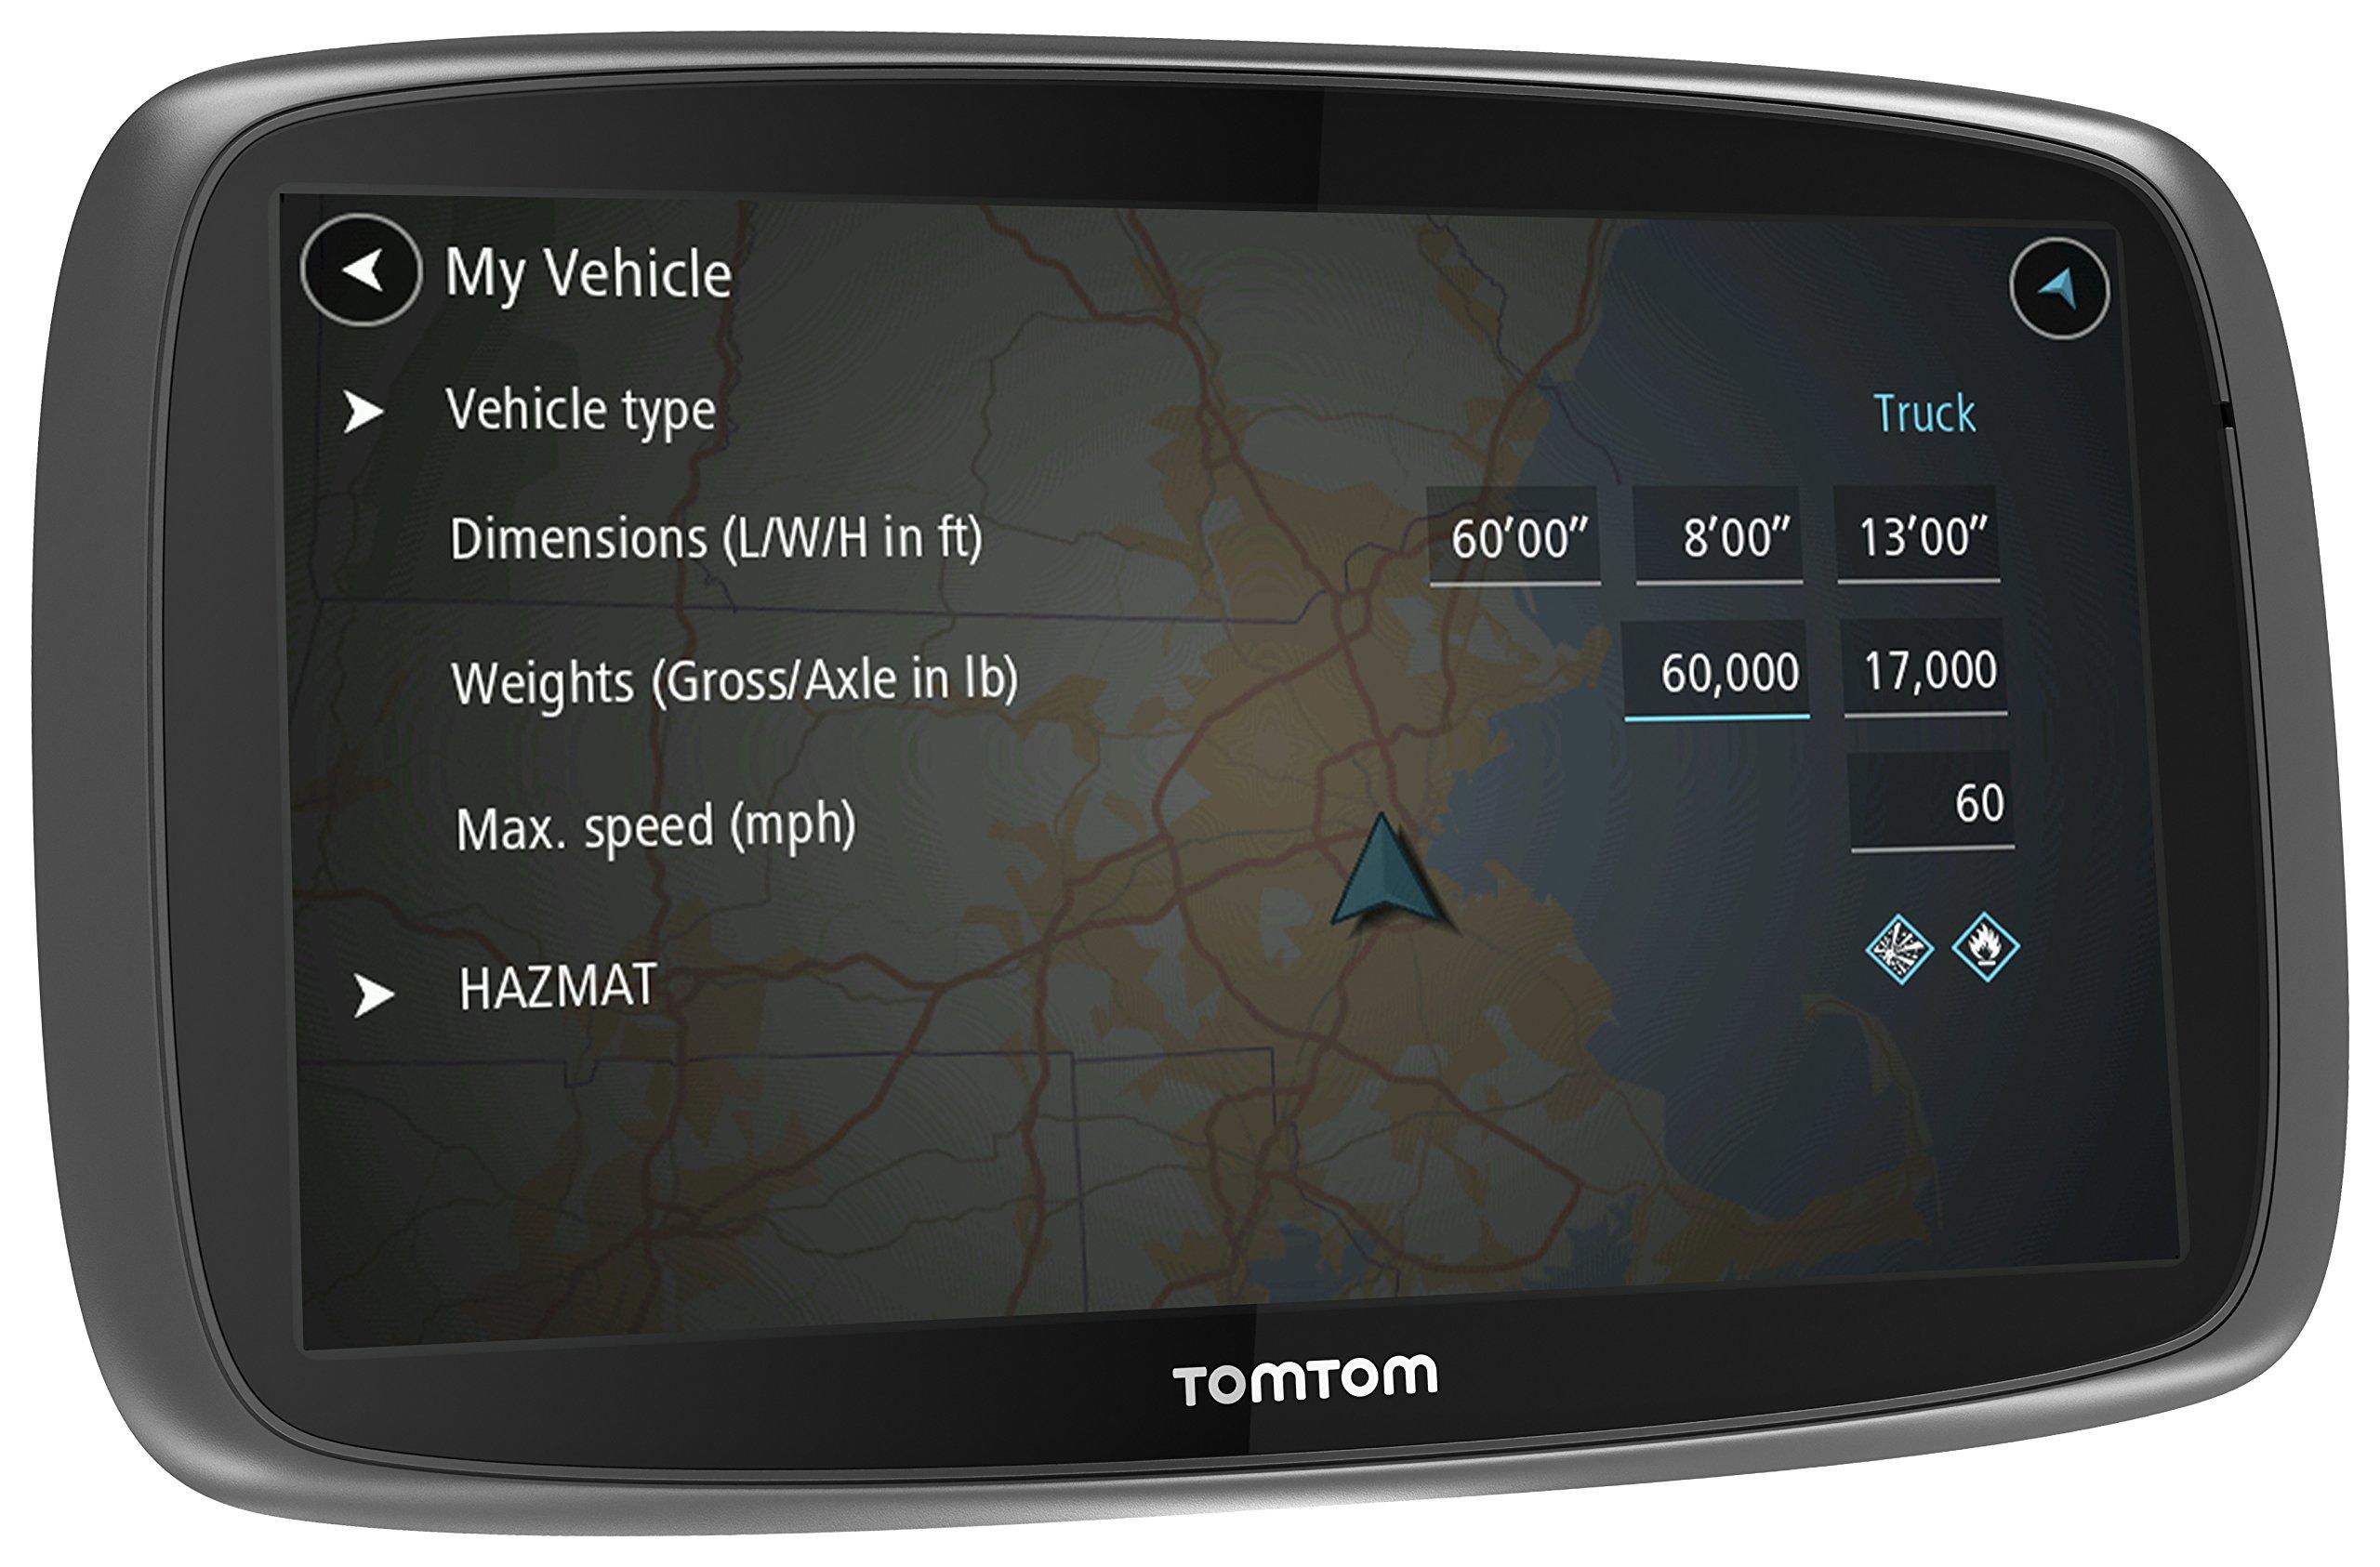 Tomtom-Trucker-5000-LKW-Navigationsgert-kapazitives-Touch-Display-Sprachsteuerung-Click-und-Go-Halterung-schwarz